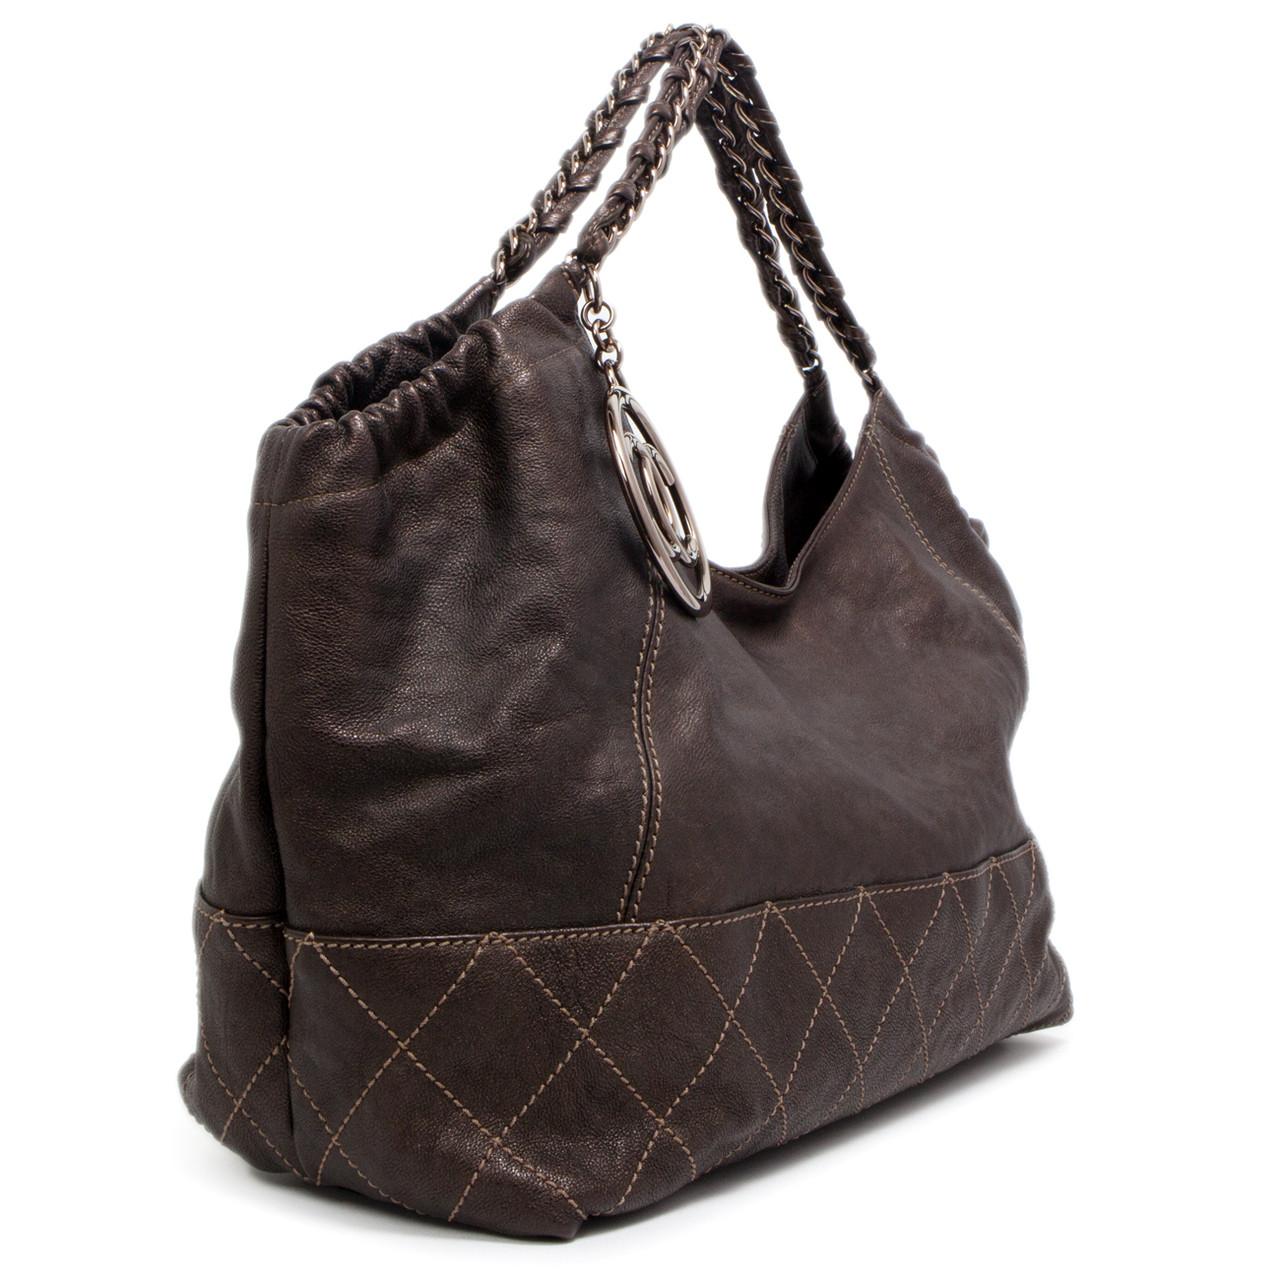 c07c7847bc24 Chanel Baby Coco Cabas Hobo Bag - modaselle